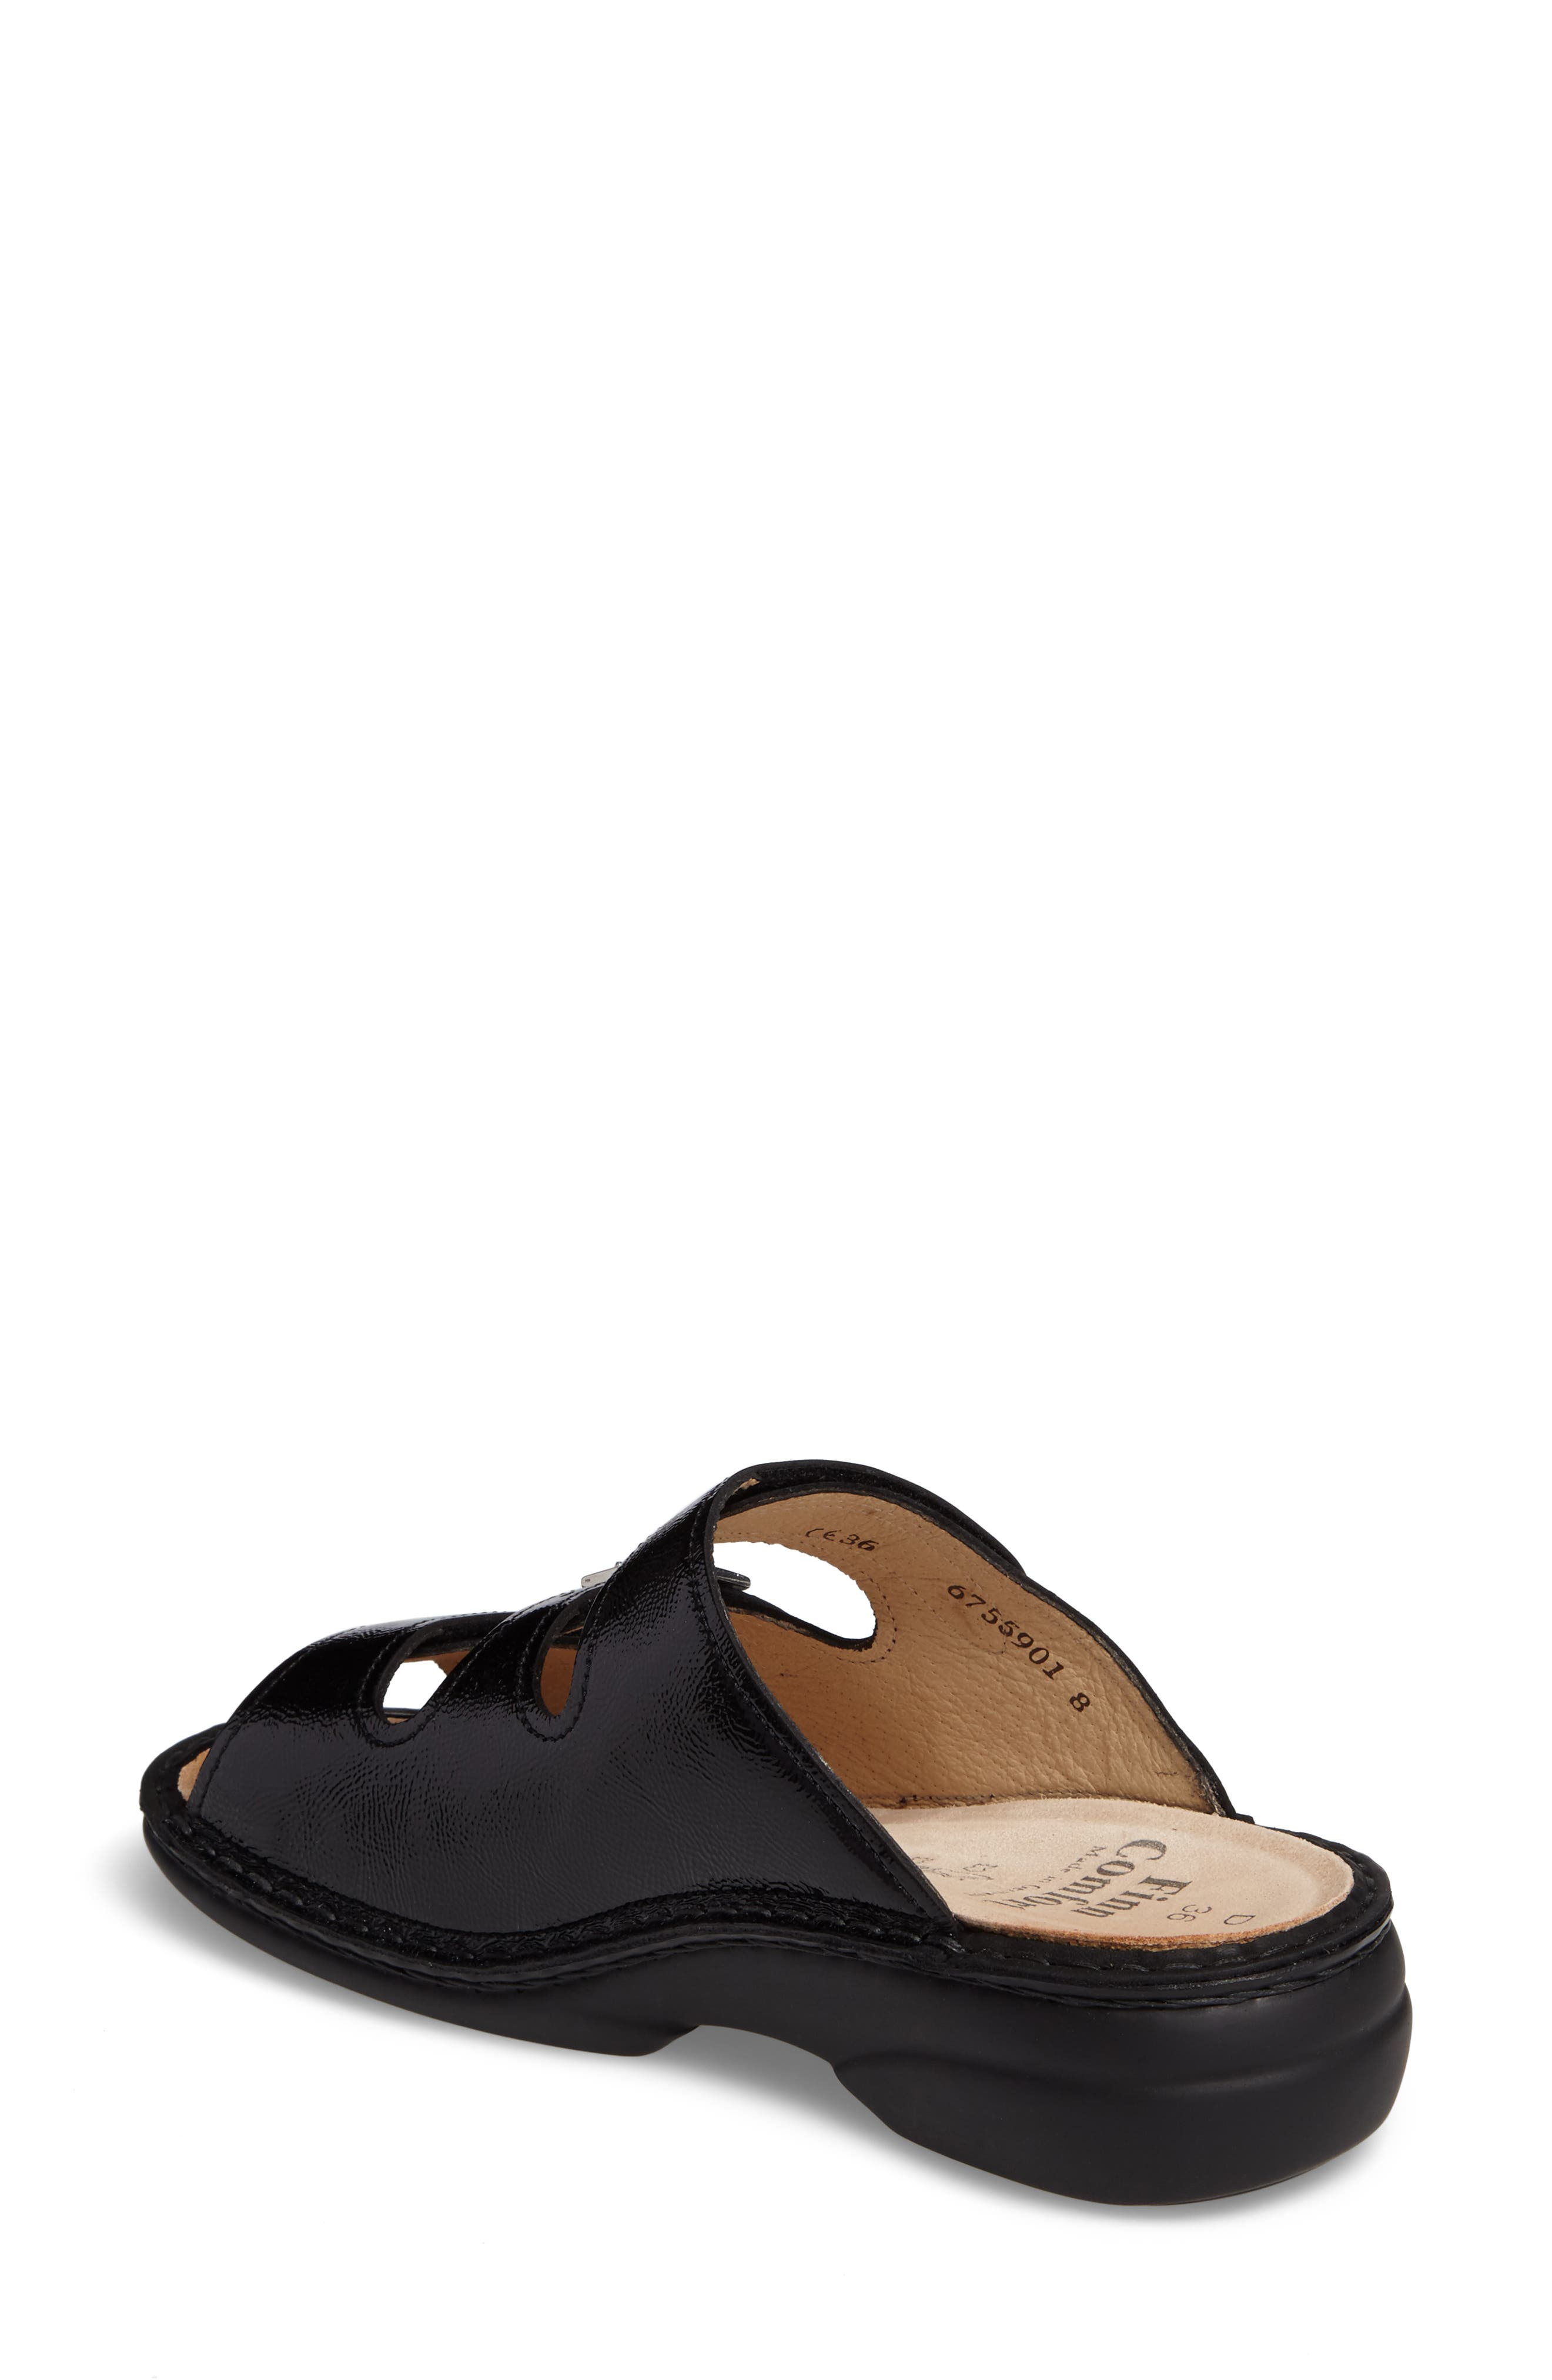 Alternate Image 2  - Finn Comfort Anancapa Sandal (Women)